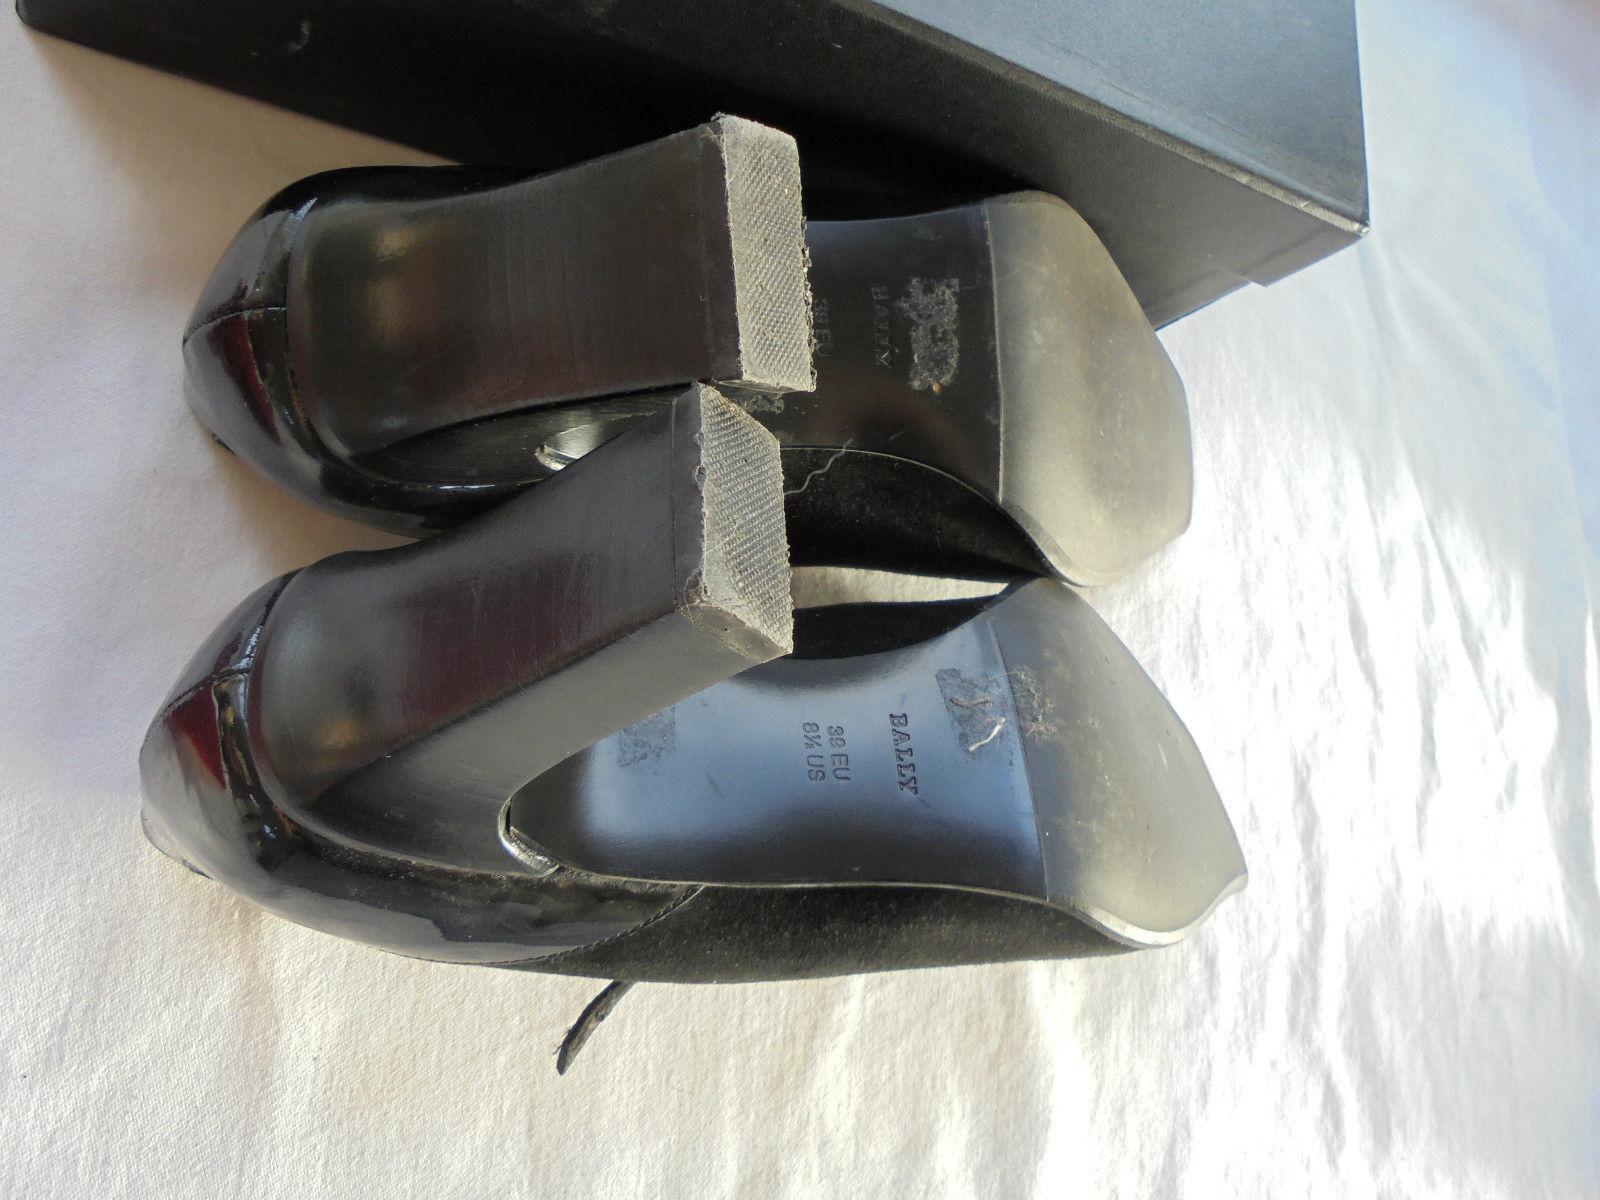 Bally Designer Lackleder Tasche Pumps NP  Sandaletten Schuhe Tasche Lackleder Gr 39 95bc20